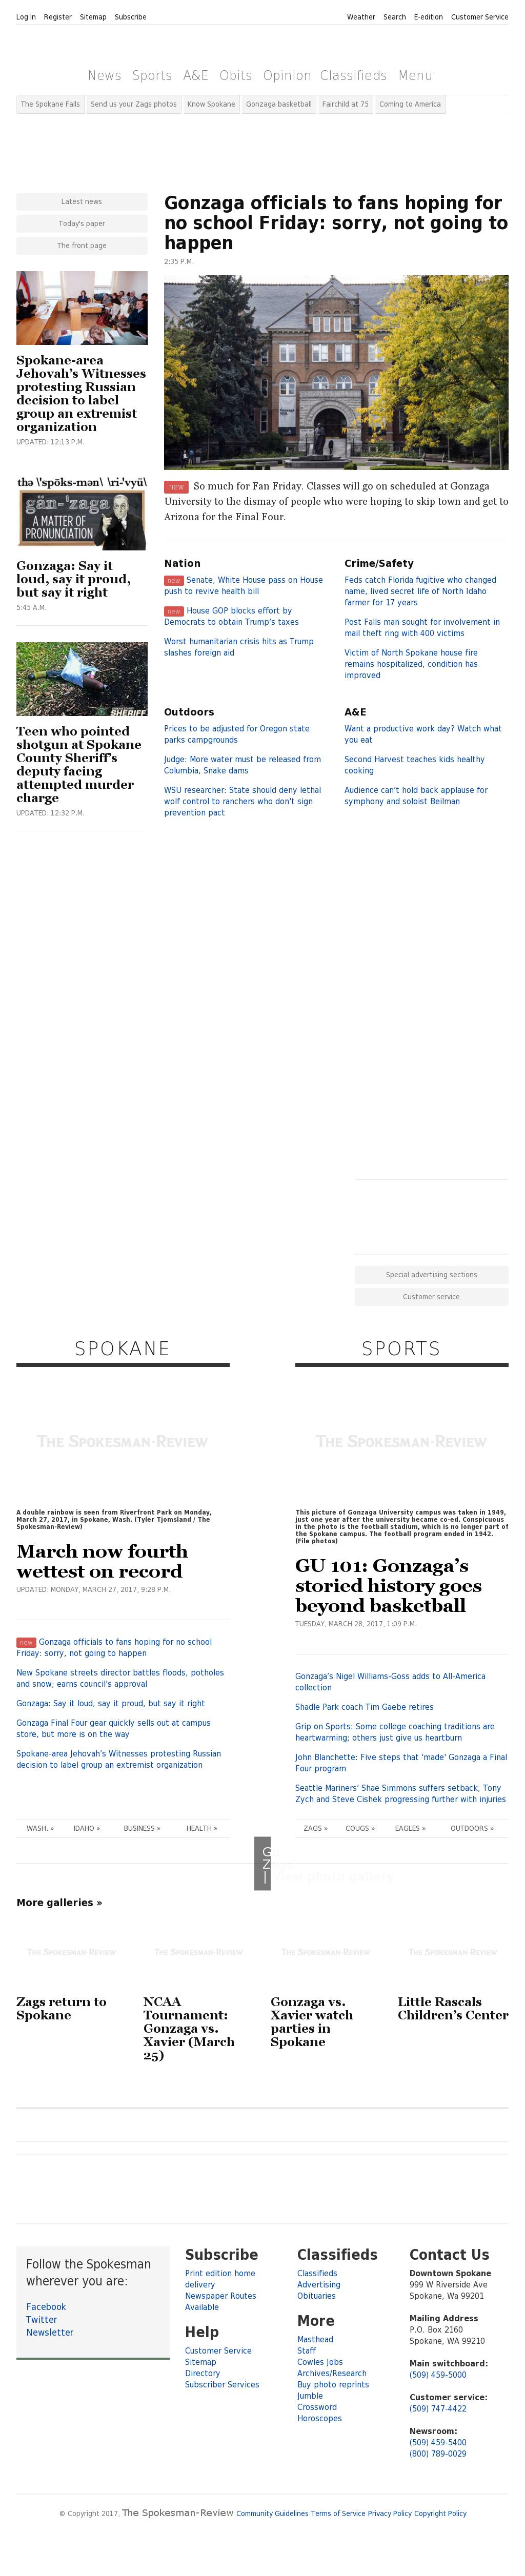 The (Spokane) Spokesman-Review at Tuesday March 28, 2017, 11:19 p.m. UTC